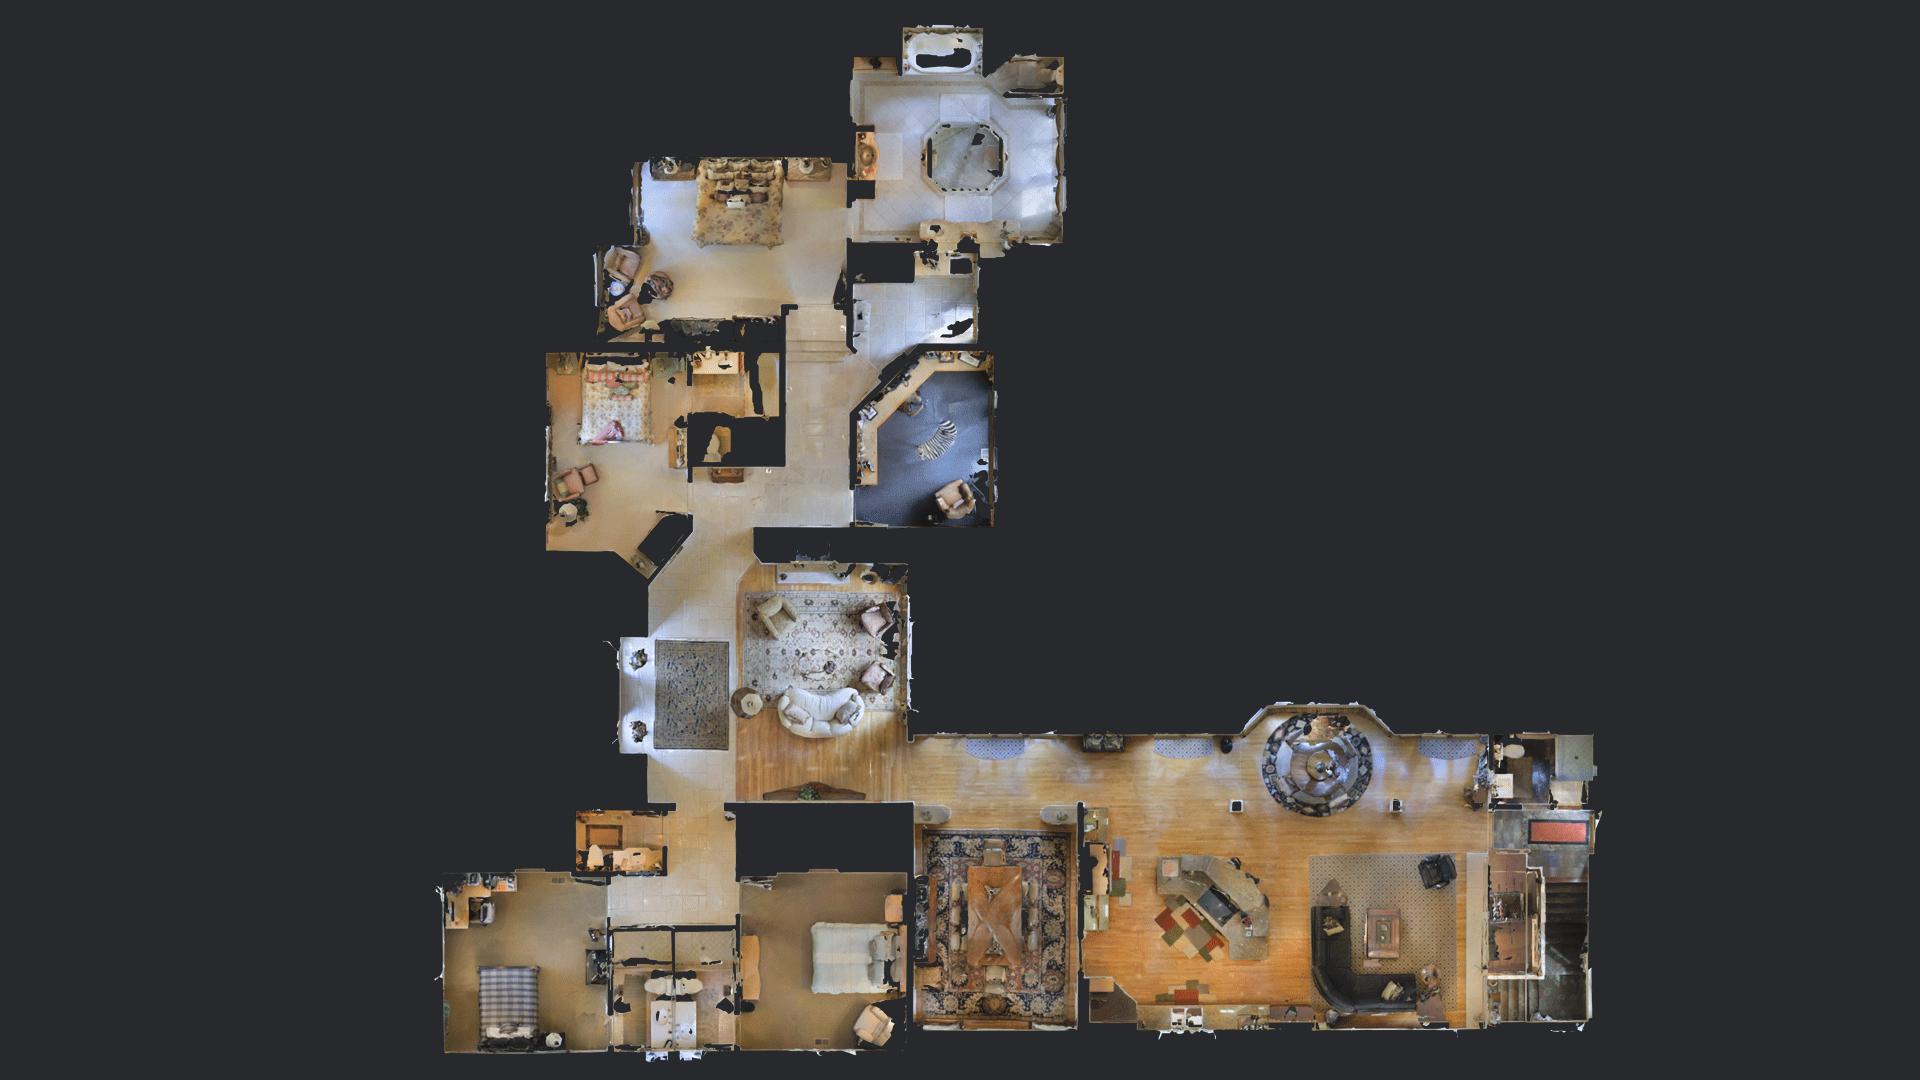 Matterport Showcase Floorplan View